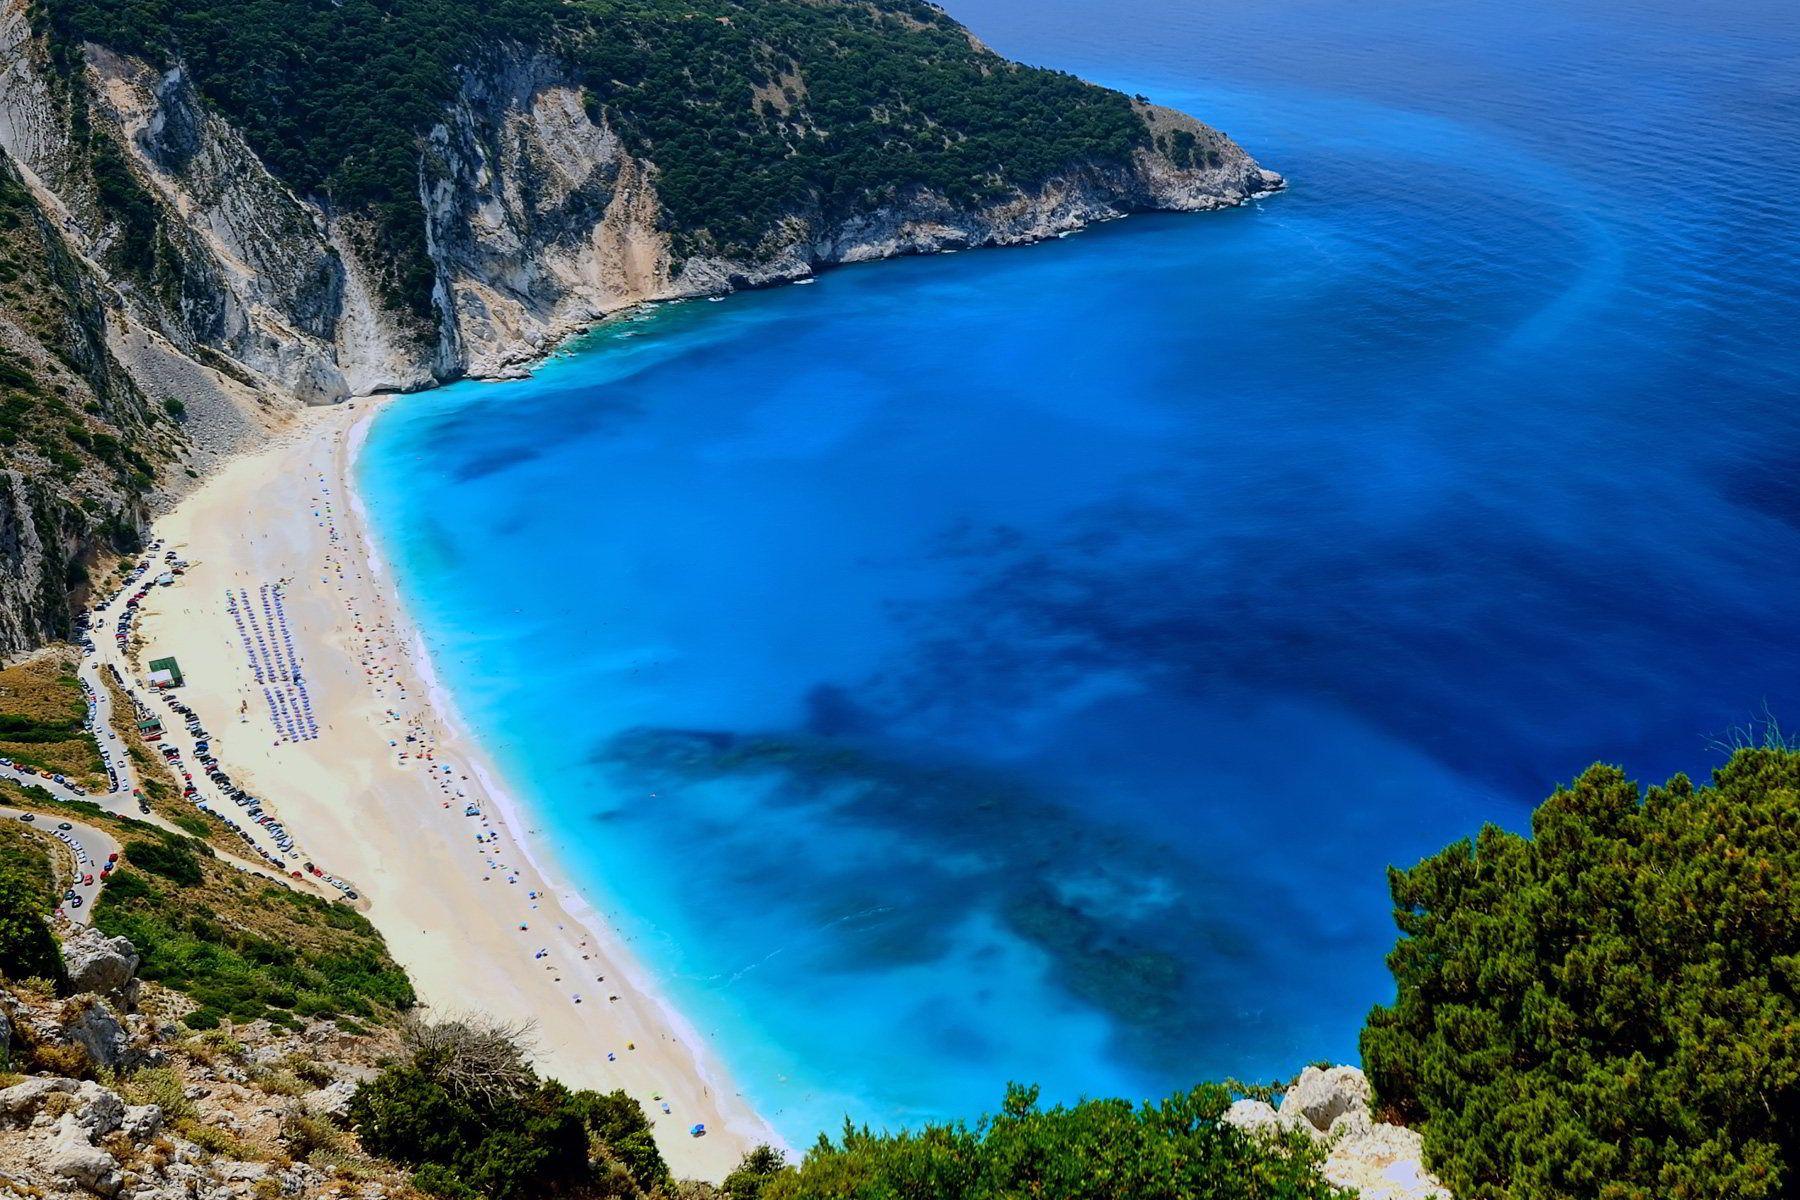 Grecia Spiagge, le migliori 10 Spiagge in Grecia che devi